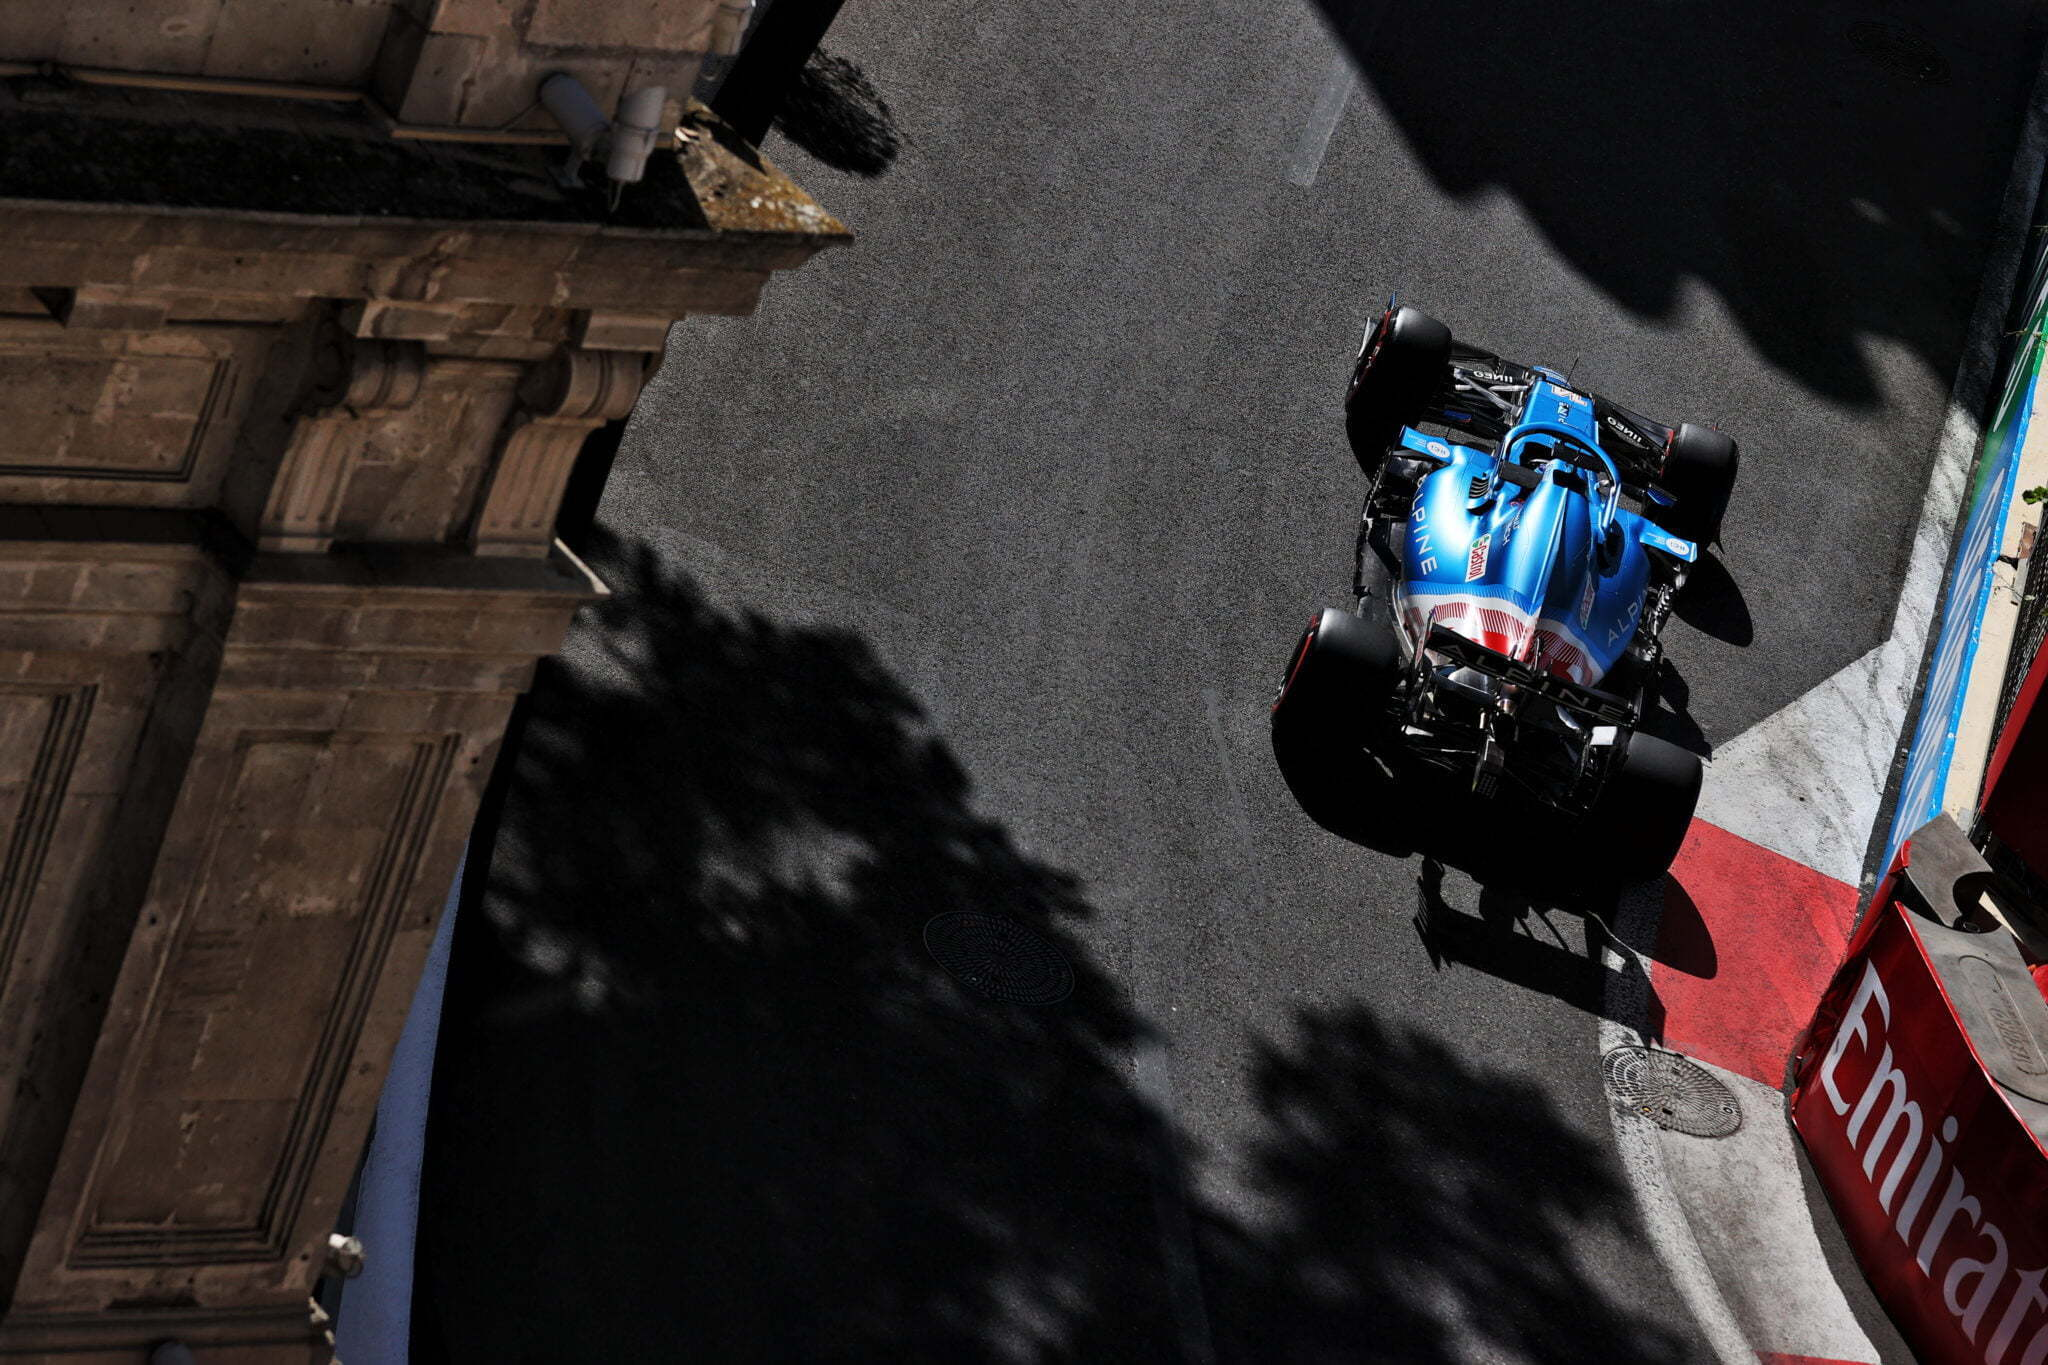 Alpine F1 Azebaijan Grand Prix Baku Alonso Ocon 2021 31   Alonso offre huit précieux points à Alpine F1 Team sur l'épreuve de Bakou